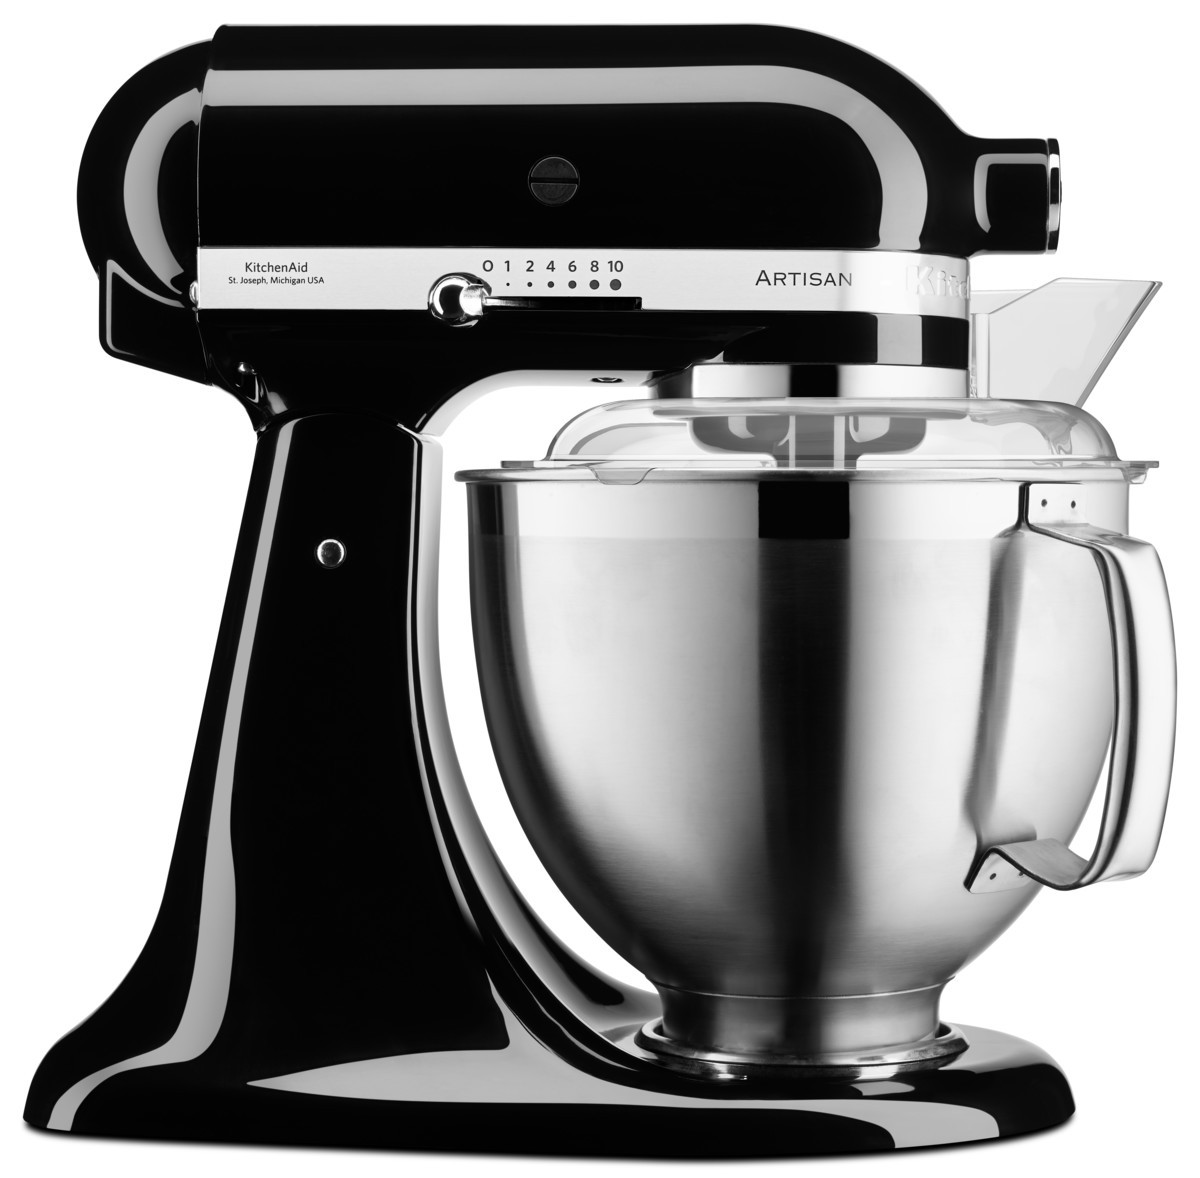 KitchenAid Küchenmaschine 5KSM185PS onyx schwarz Artisan